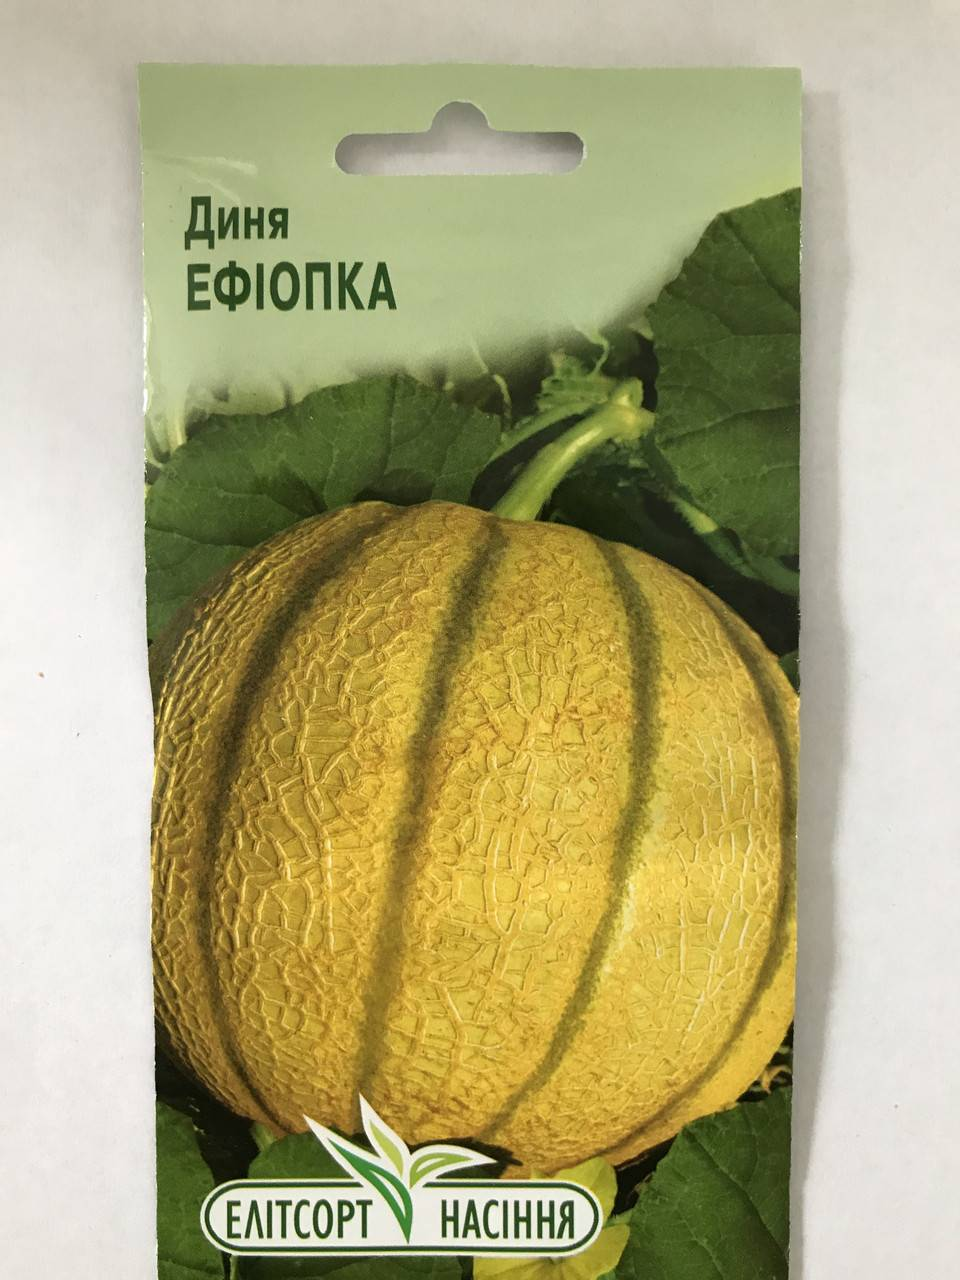 Выращивание дыни эфиопка, отзывы